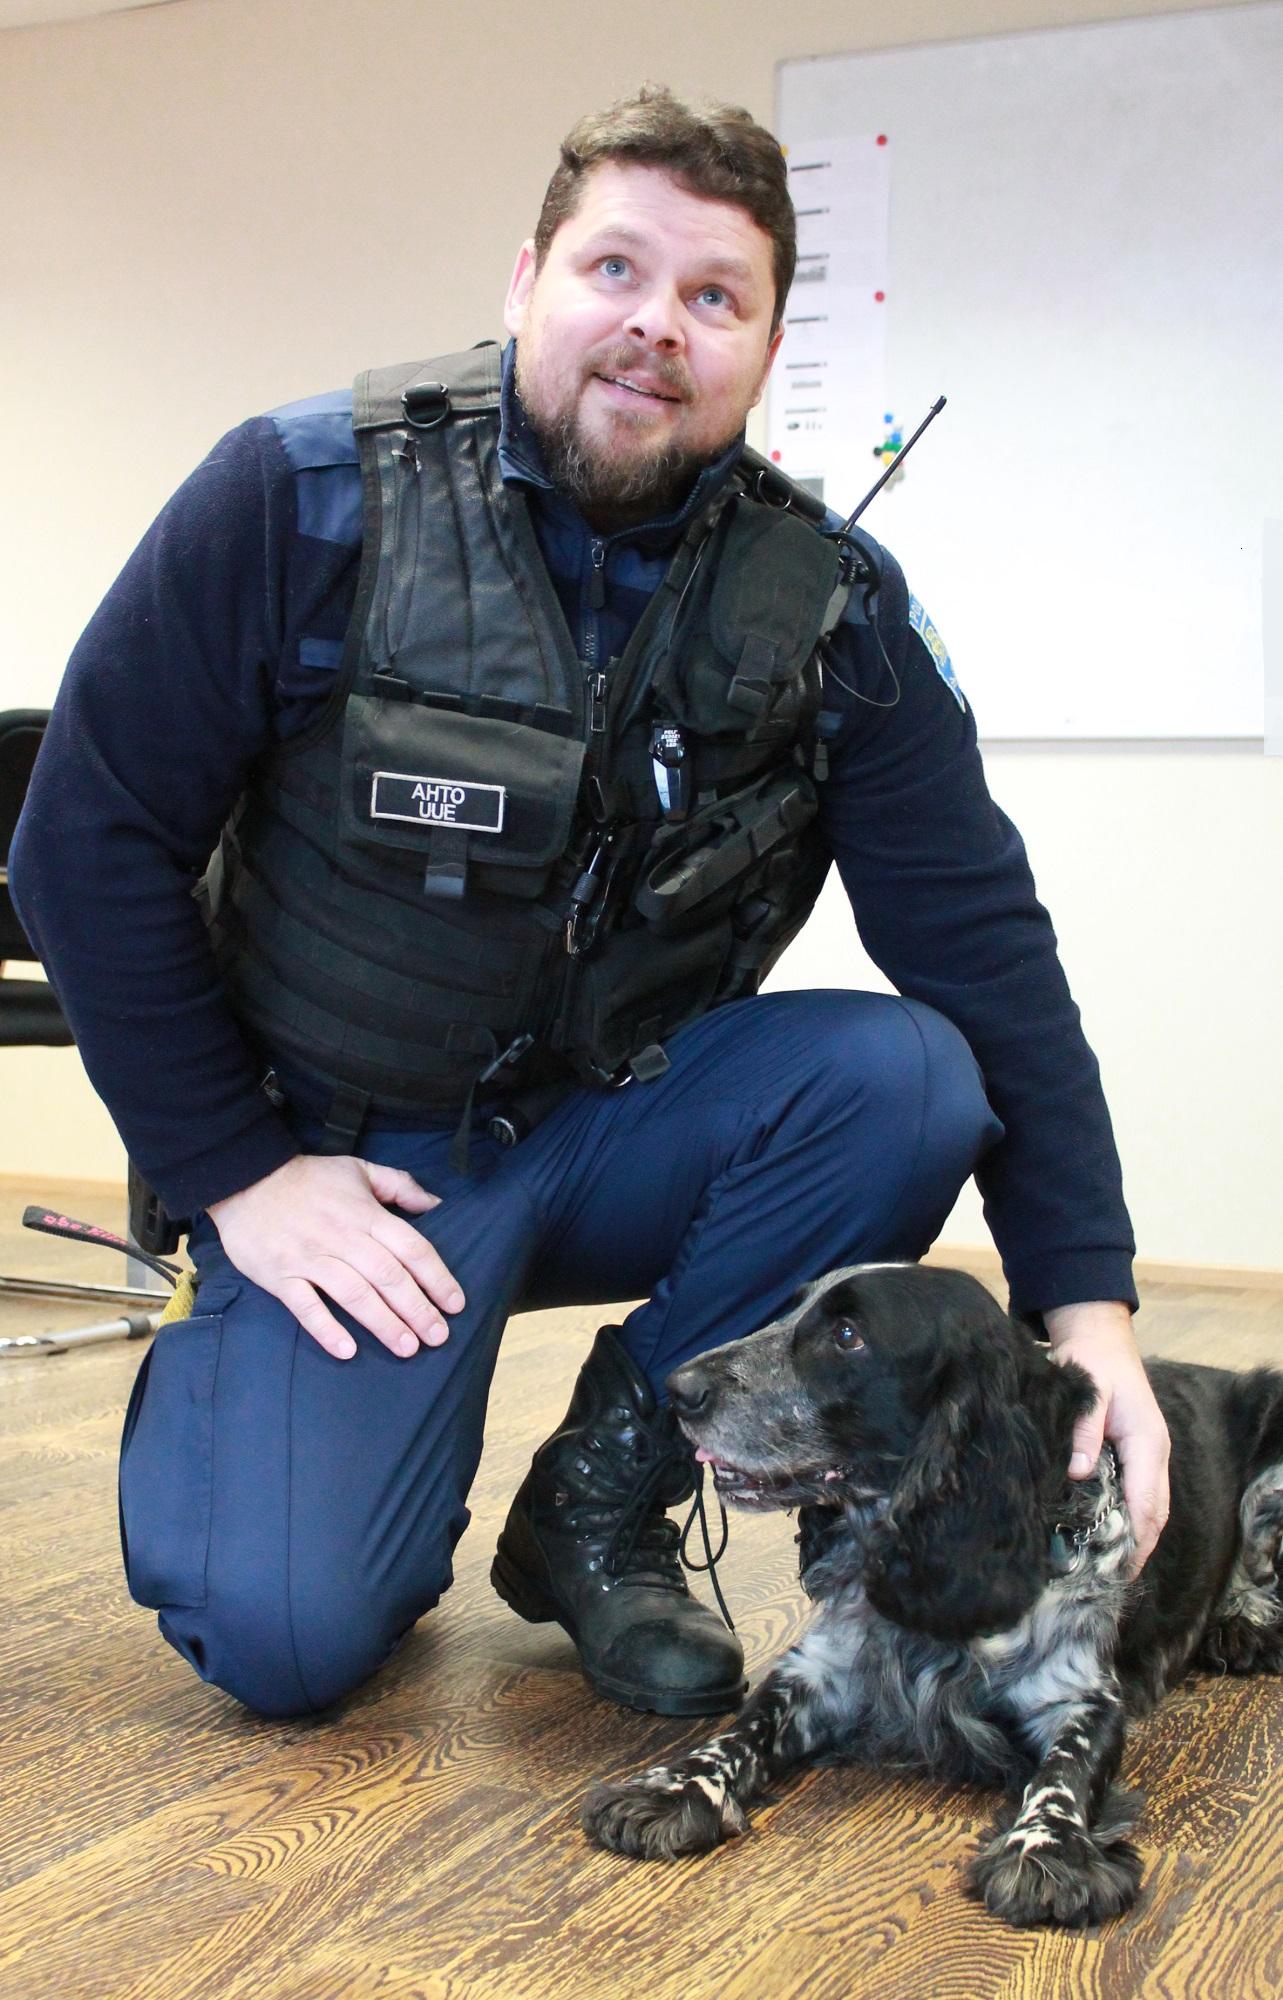 Работавшая в Нарве и Раквере служебная собака Аргус отправилась на пенсию